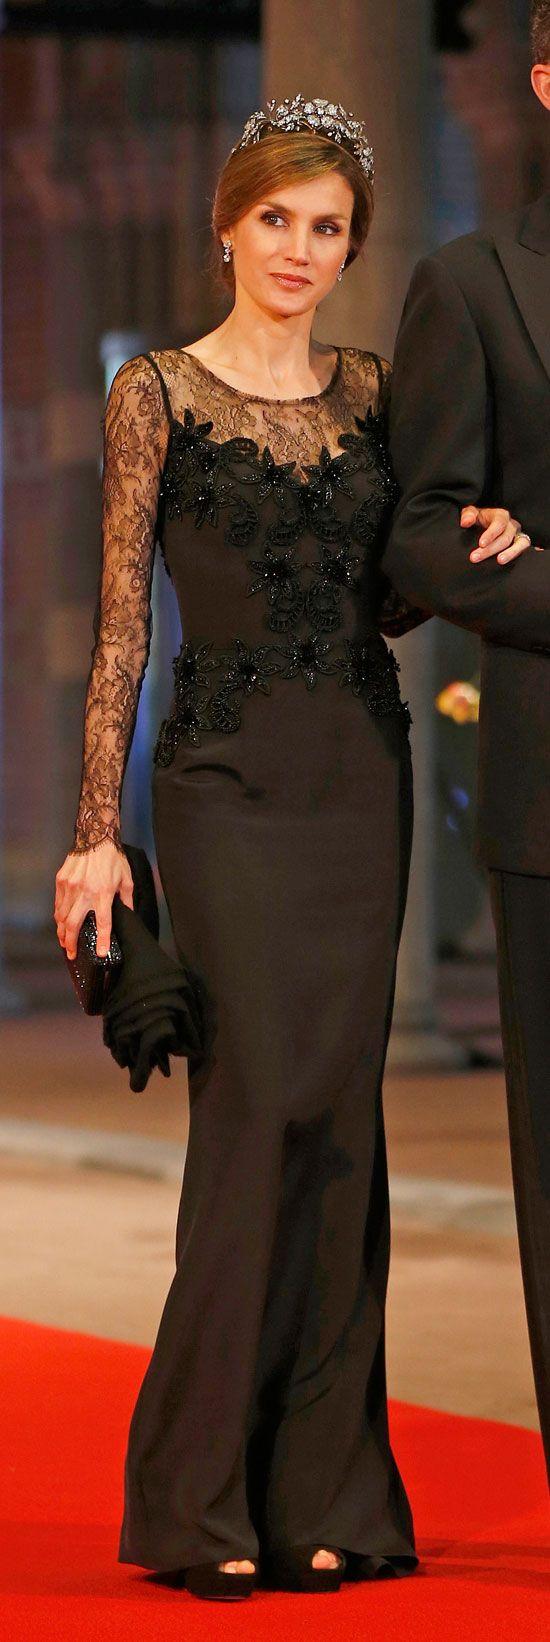 La princesa Letizia de Asturias en la cena previa a la Investidura de los reyes Guillermo Alejandro y Máxima de Holanda el 29 de Abril de 2013.